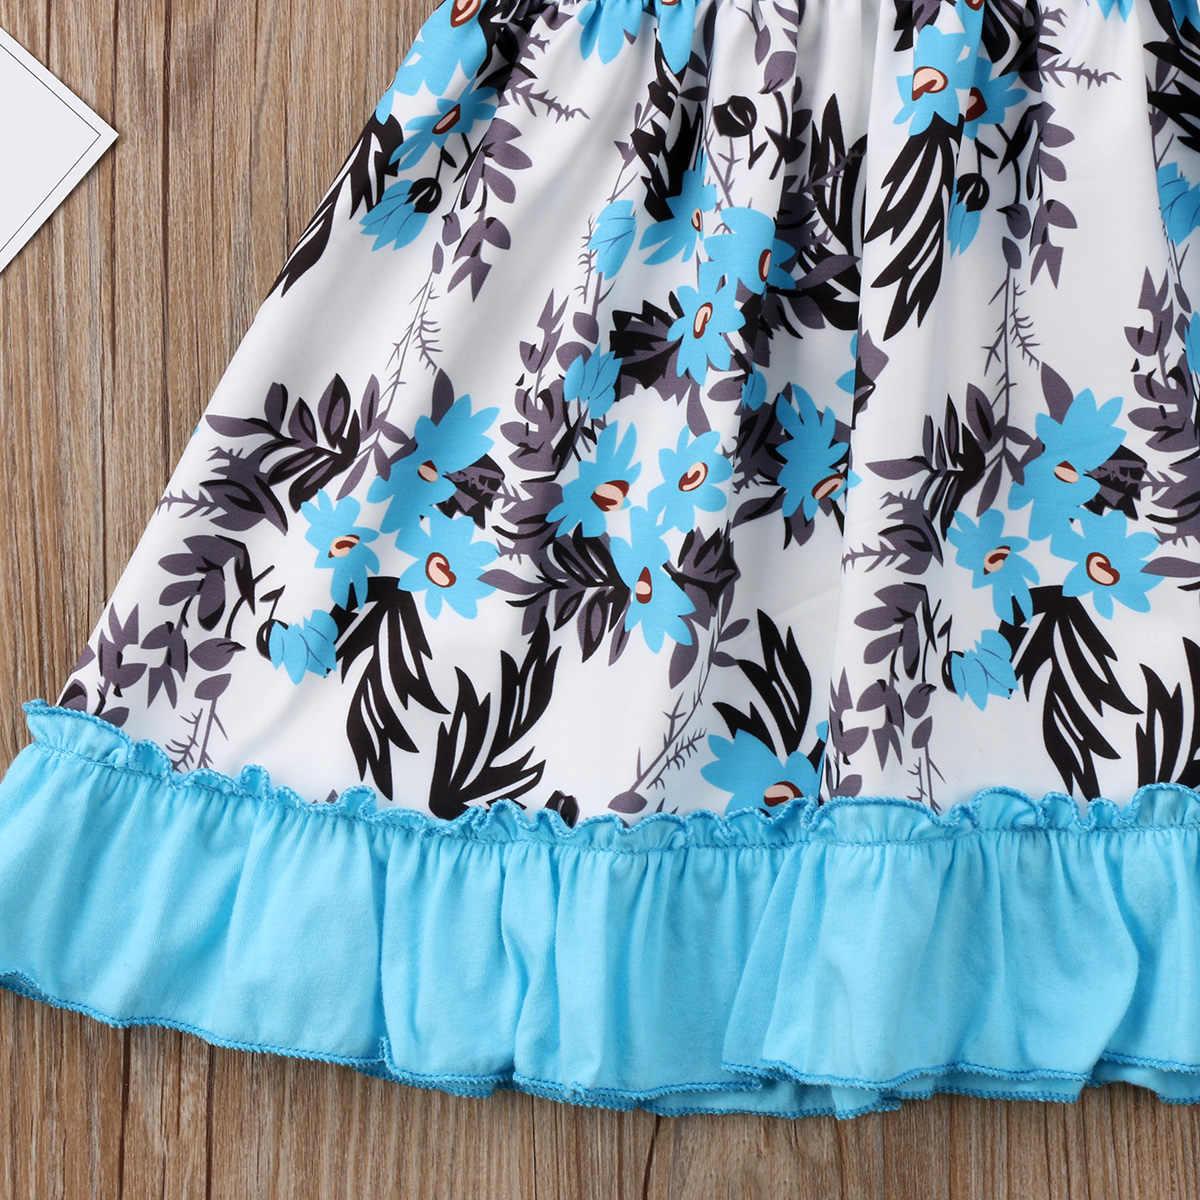 Нарядный сарафан с цветочным принтом для маленьких девочек Пышное Платье-пачка летнее свадебное платье с оборками